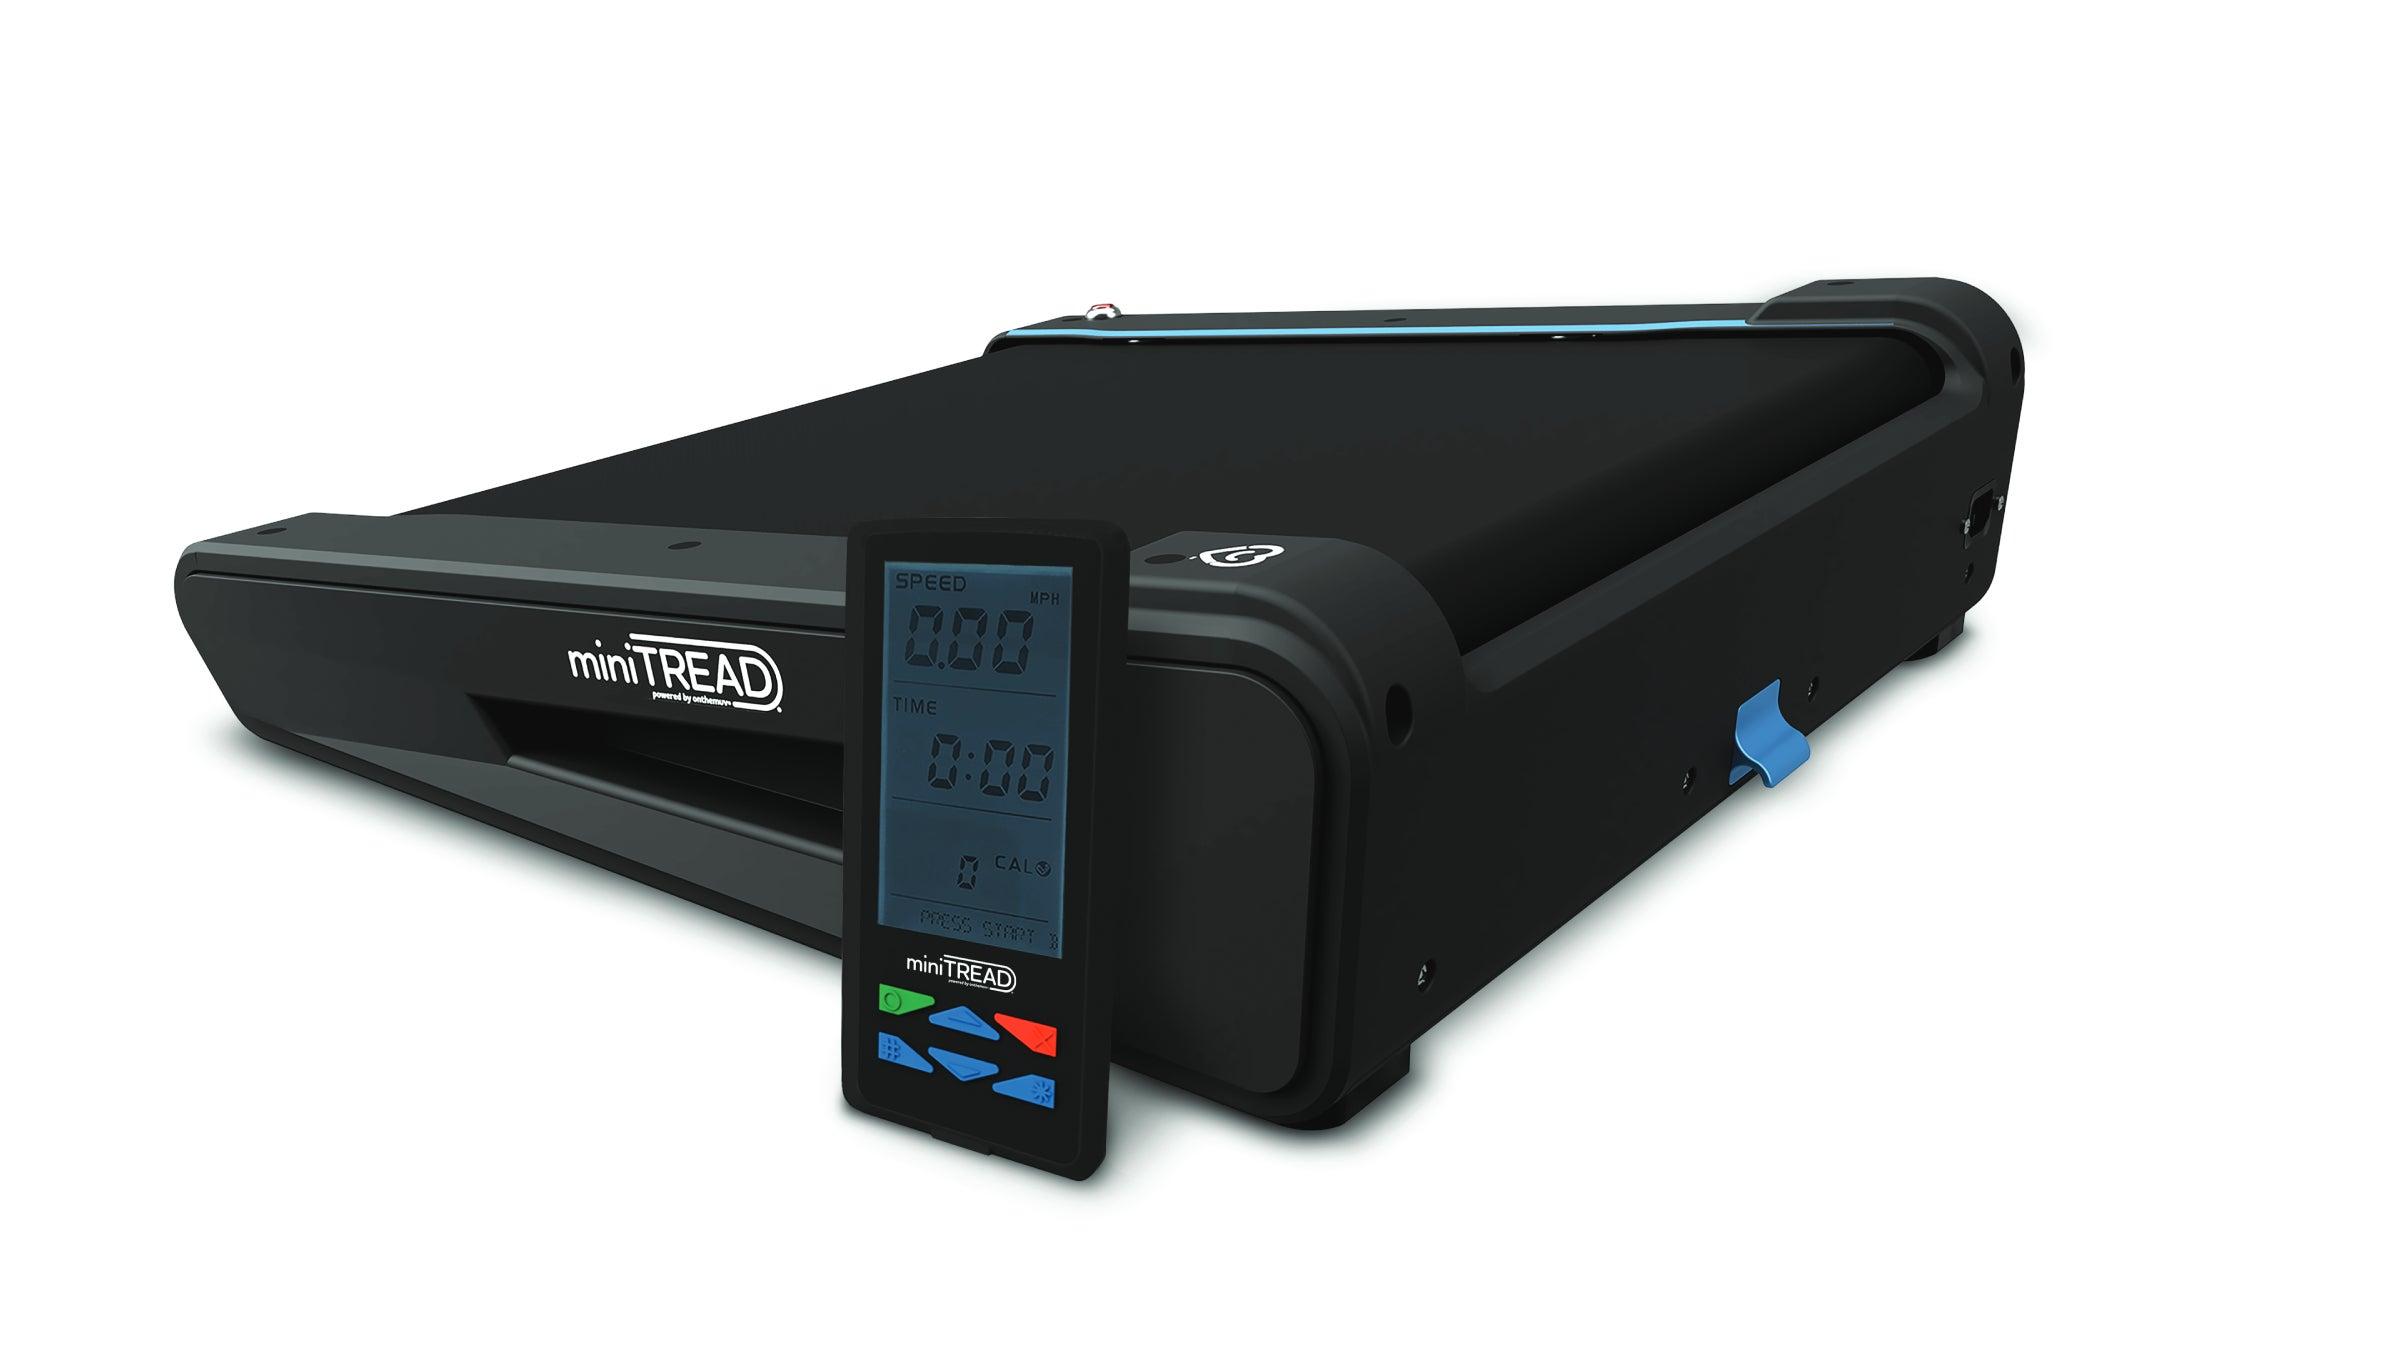 Black desk treadmill with remote